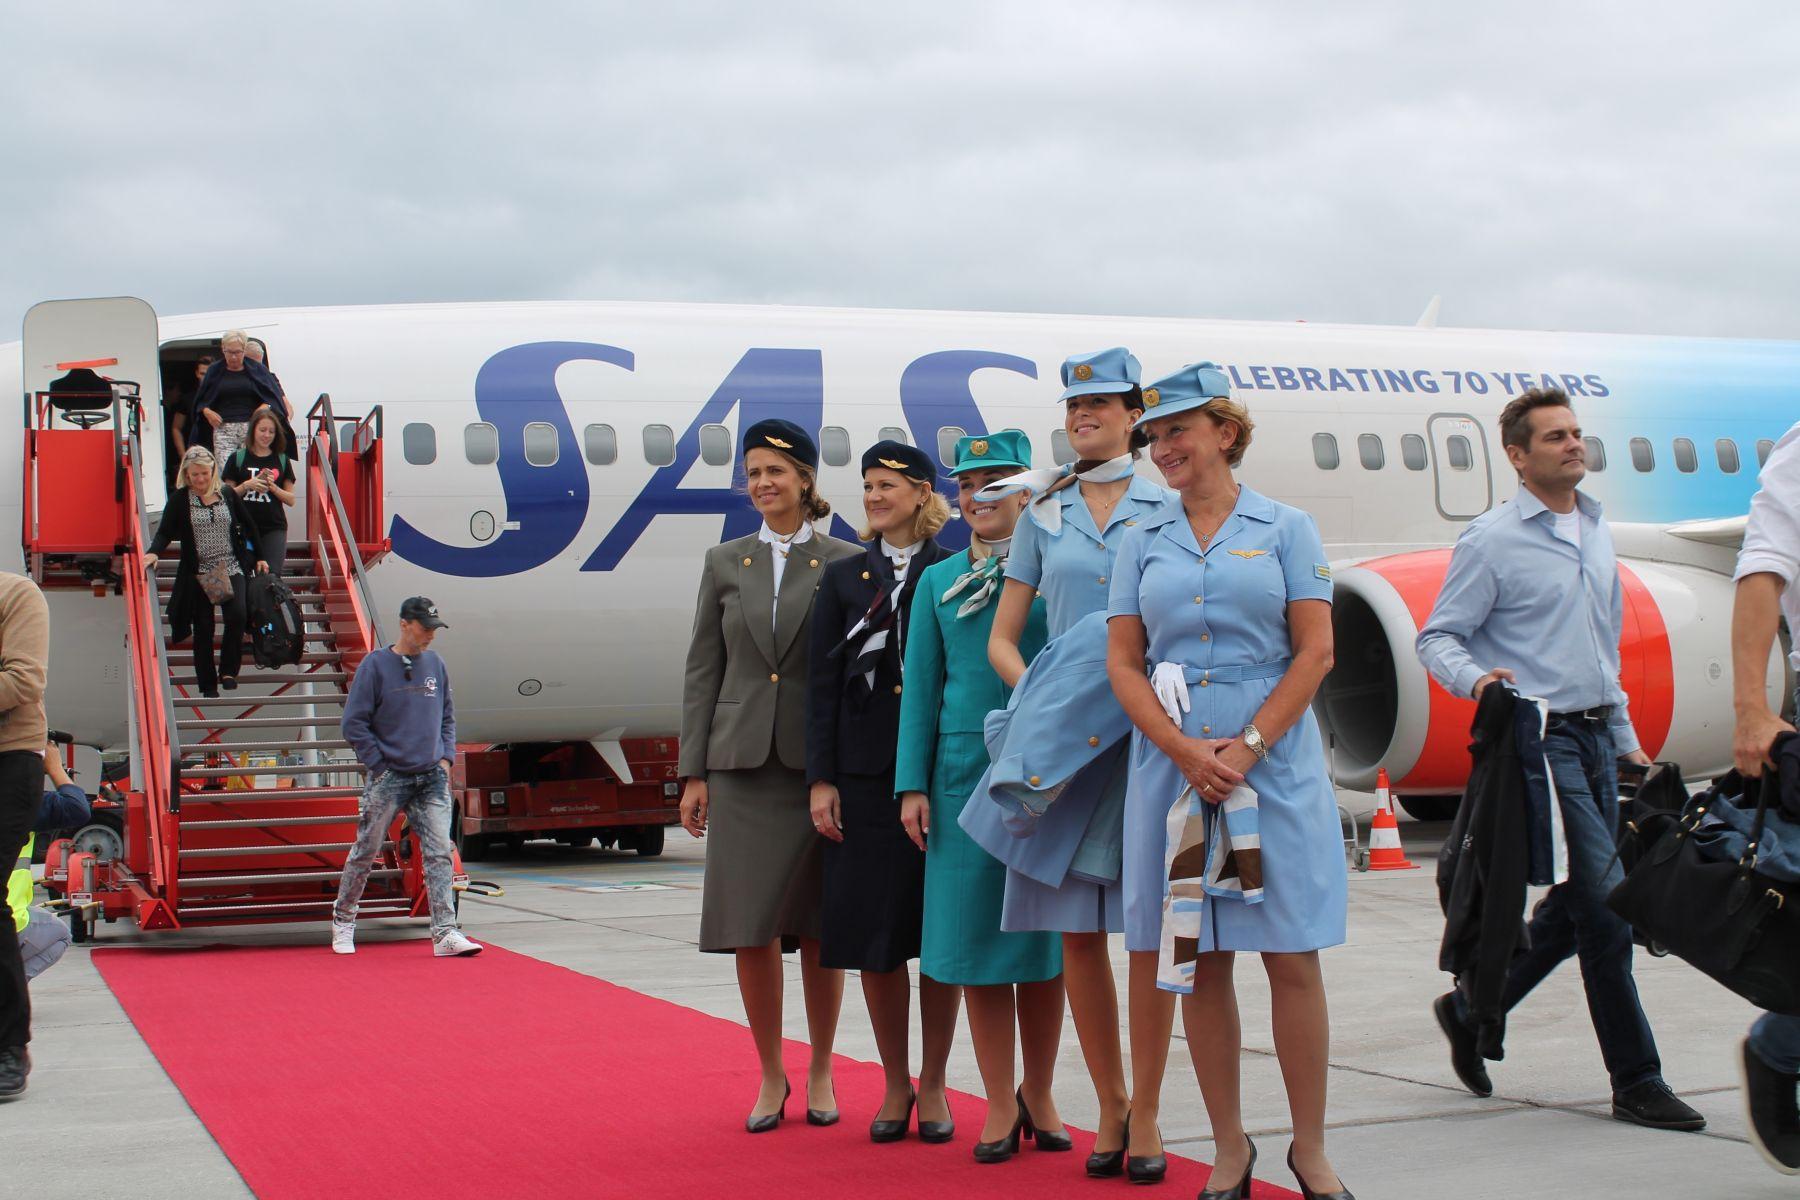 Passagererne fik sig en overraskelse ombord. Bl.a. blev der fremvist gamle SAS uniformer.